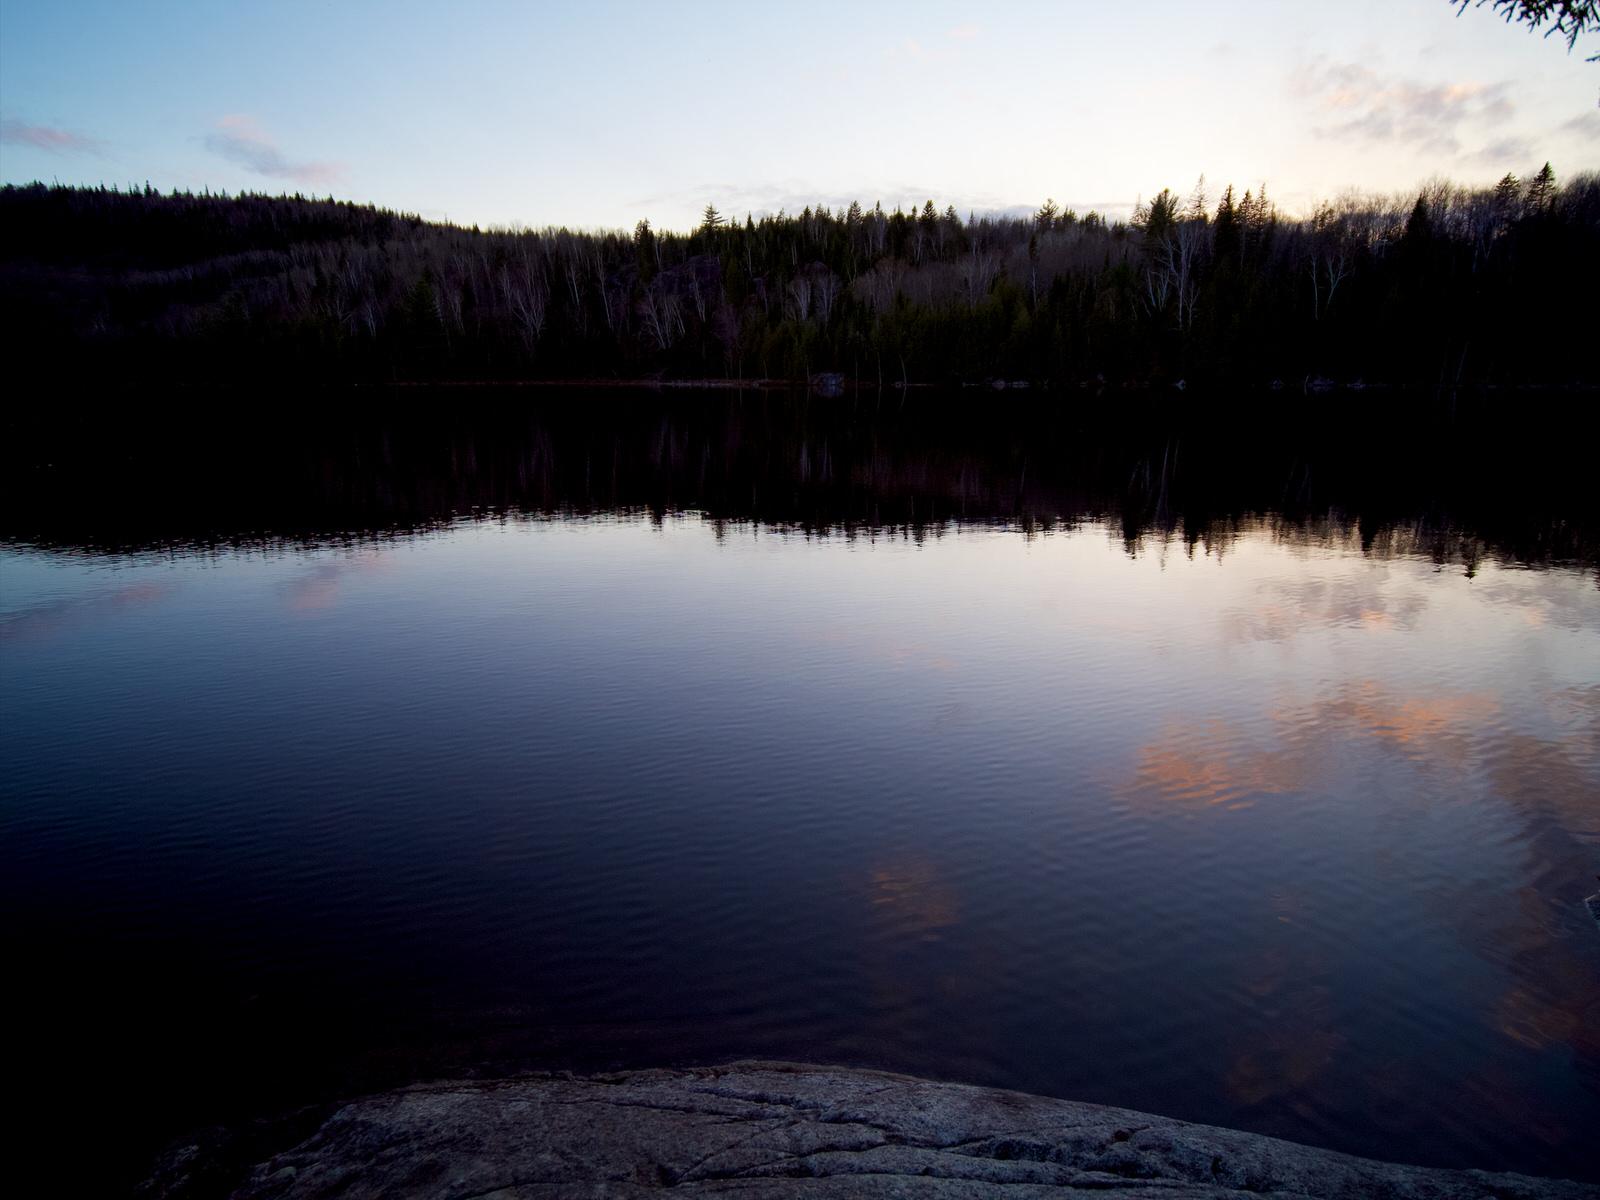 Reflets dans le lac au coucher du soleil